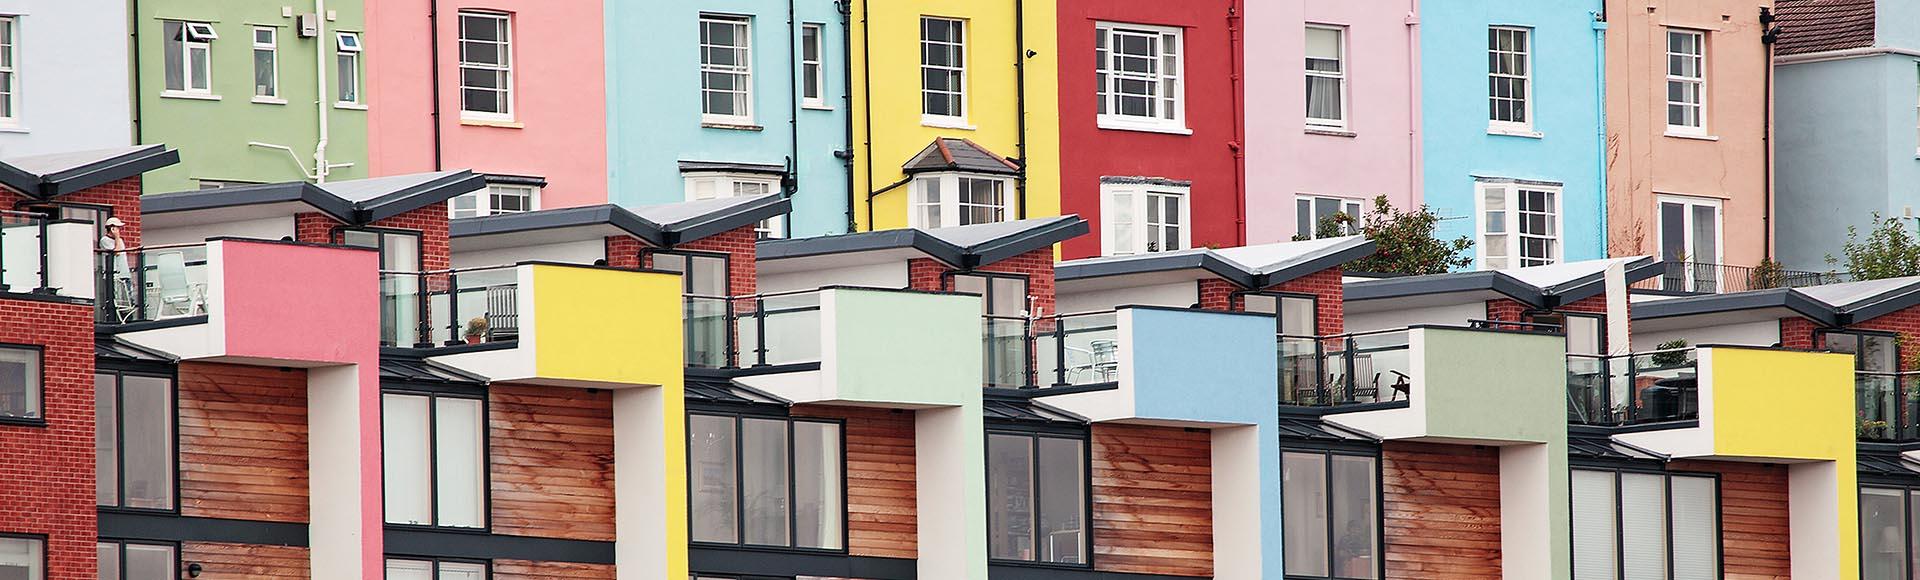 A row of rainbow-coloured houses